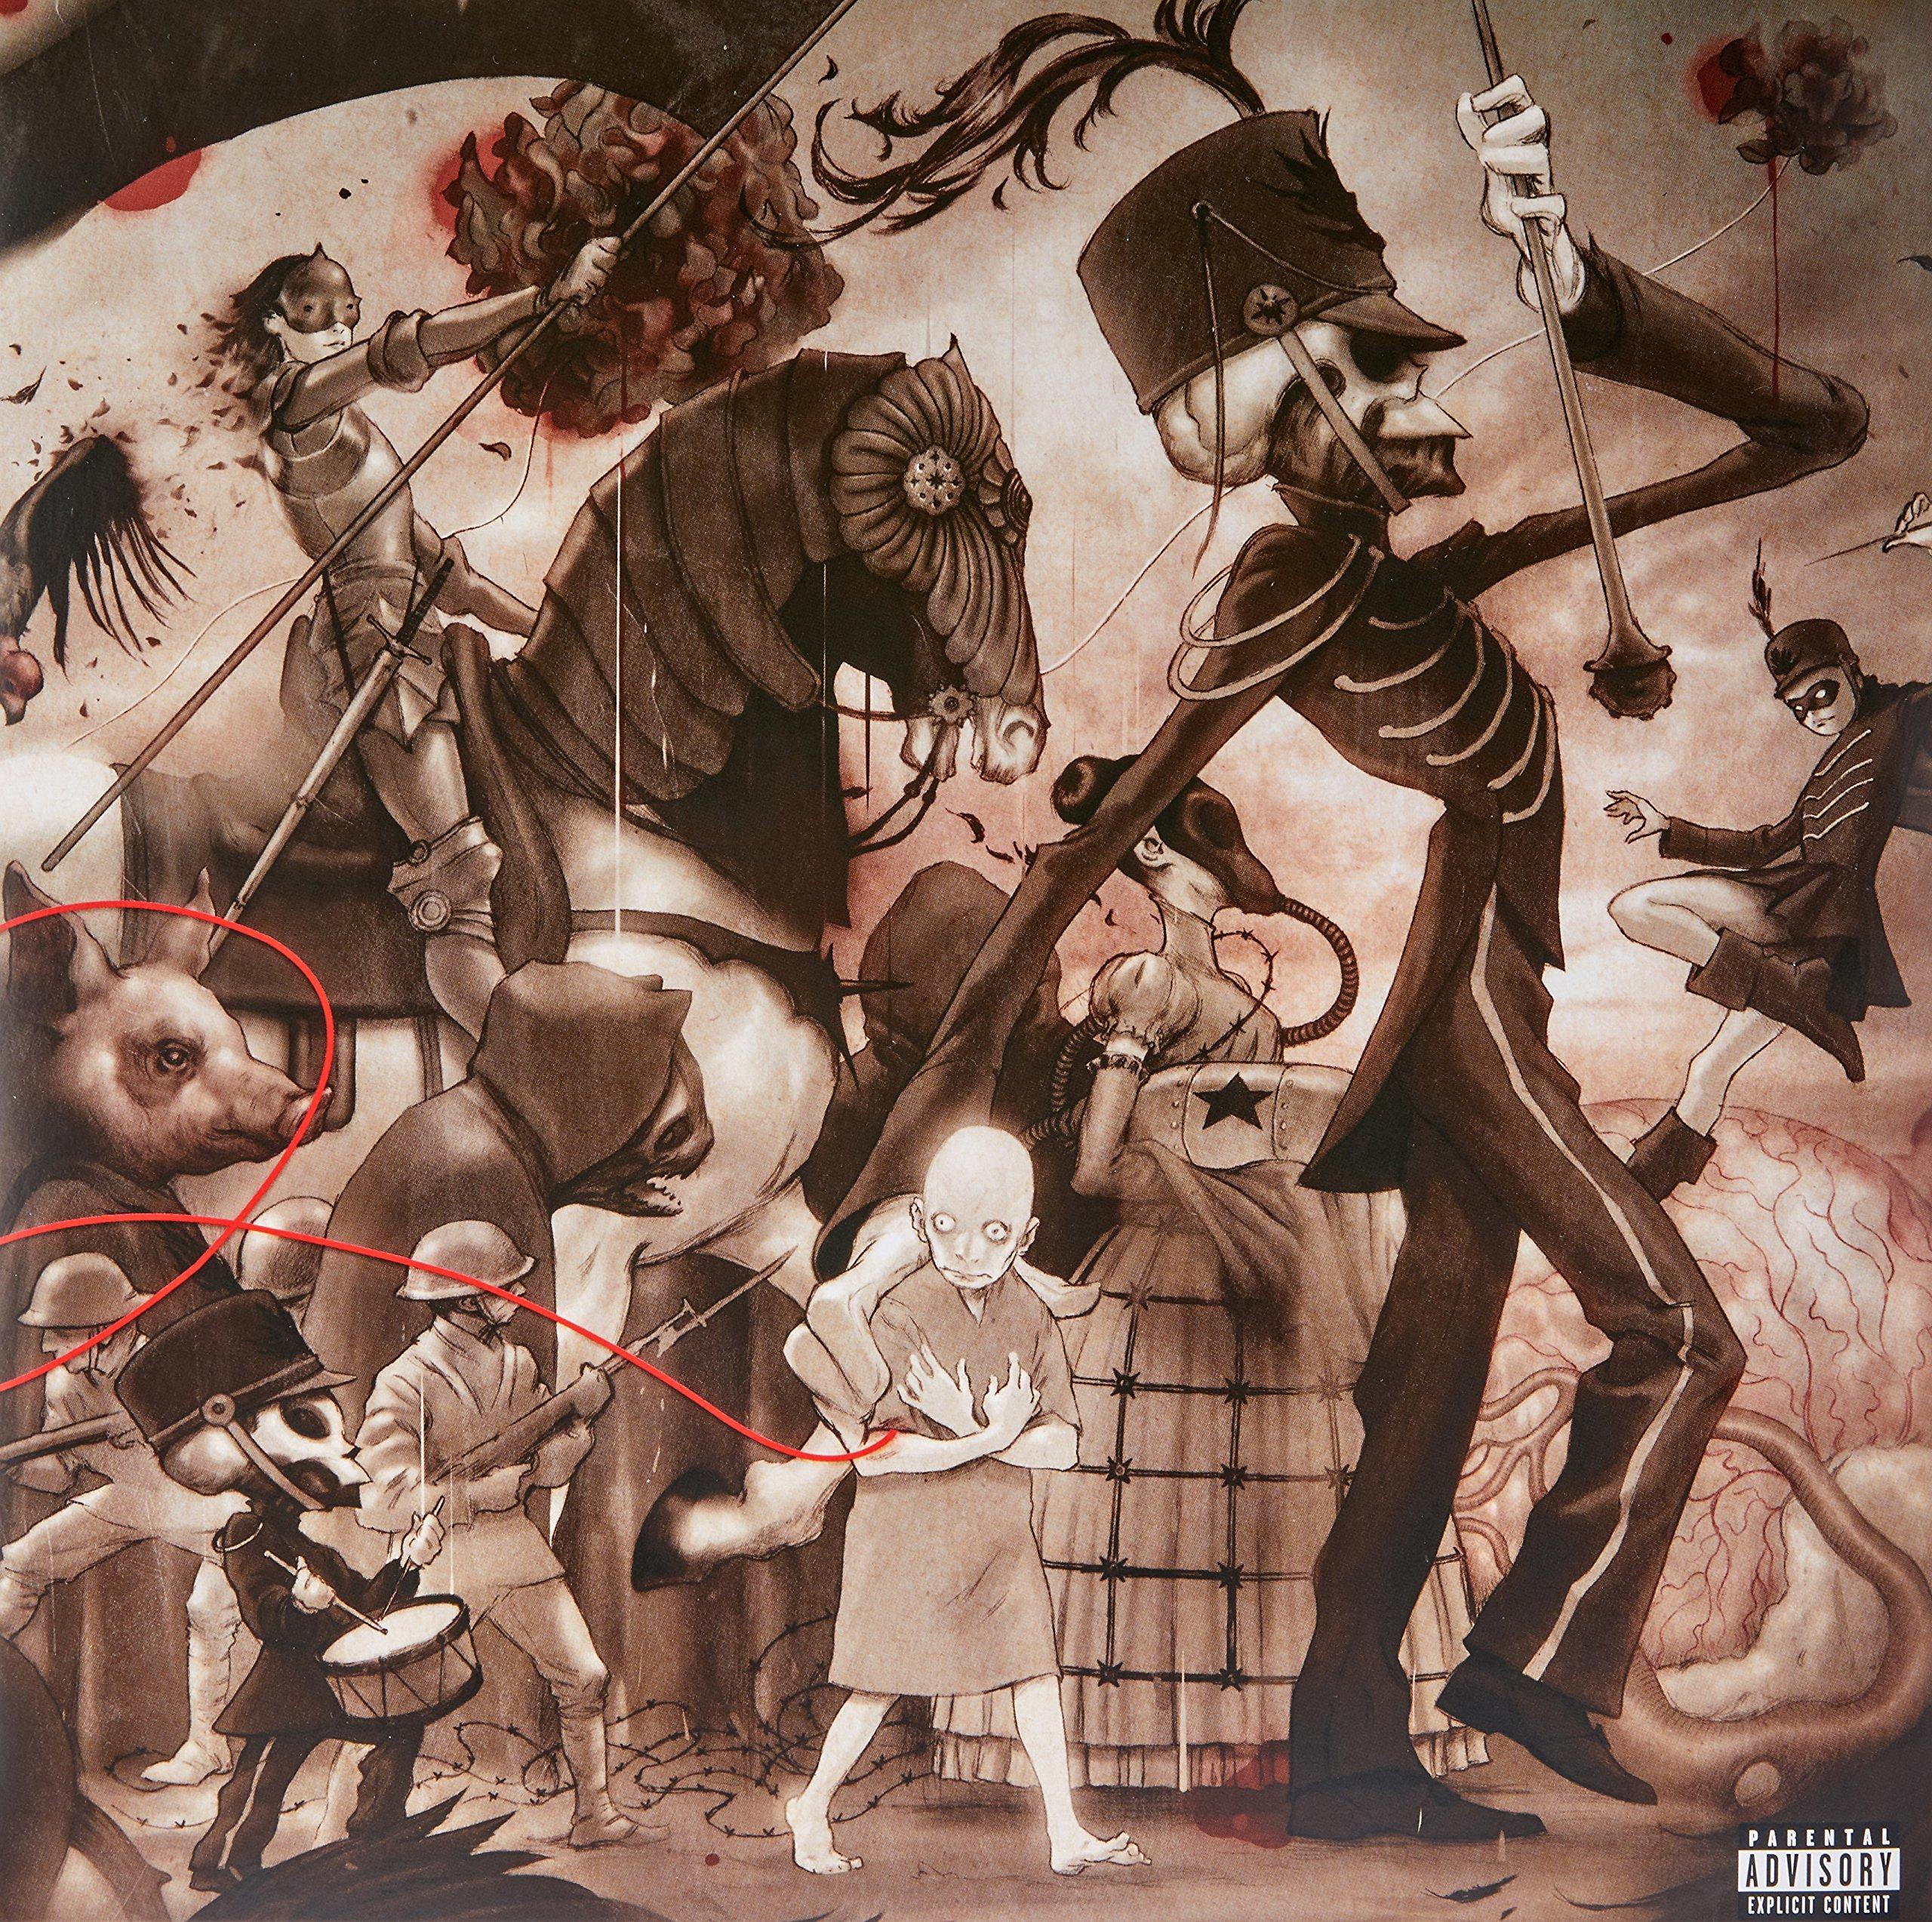 Vinilo : My Chemical Romance - Black Parade [Explicit Content] (2 Disc)